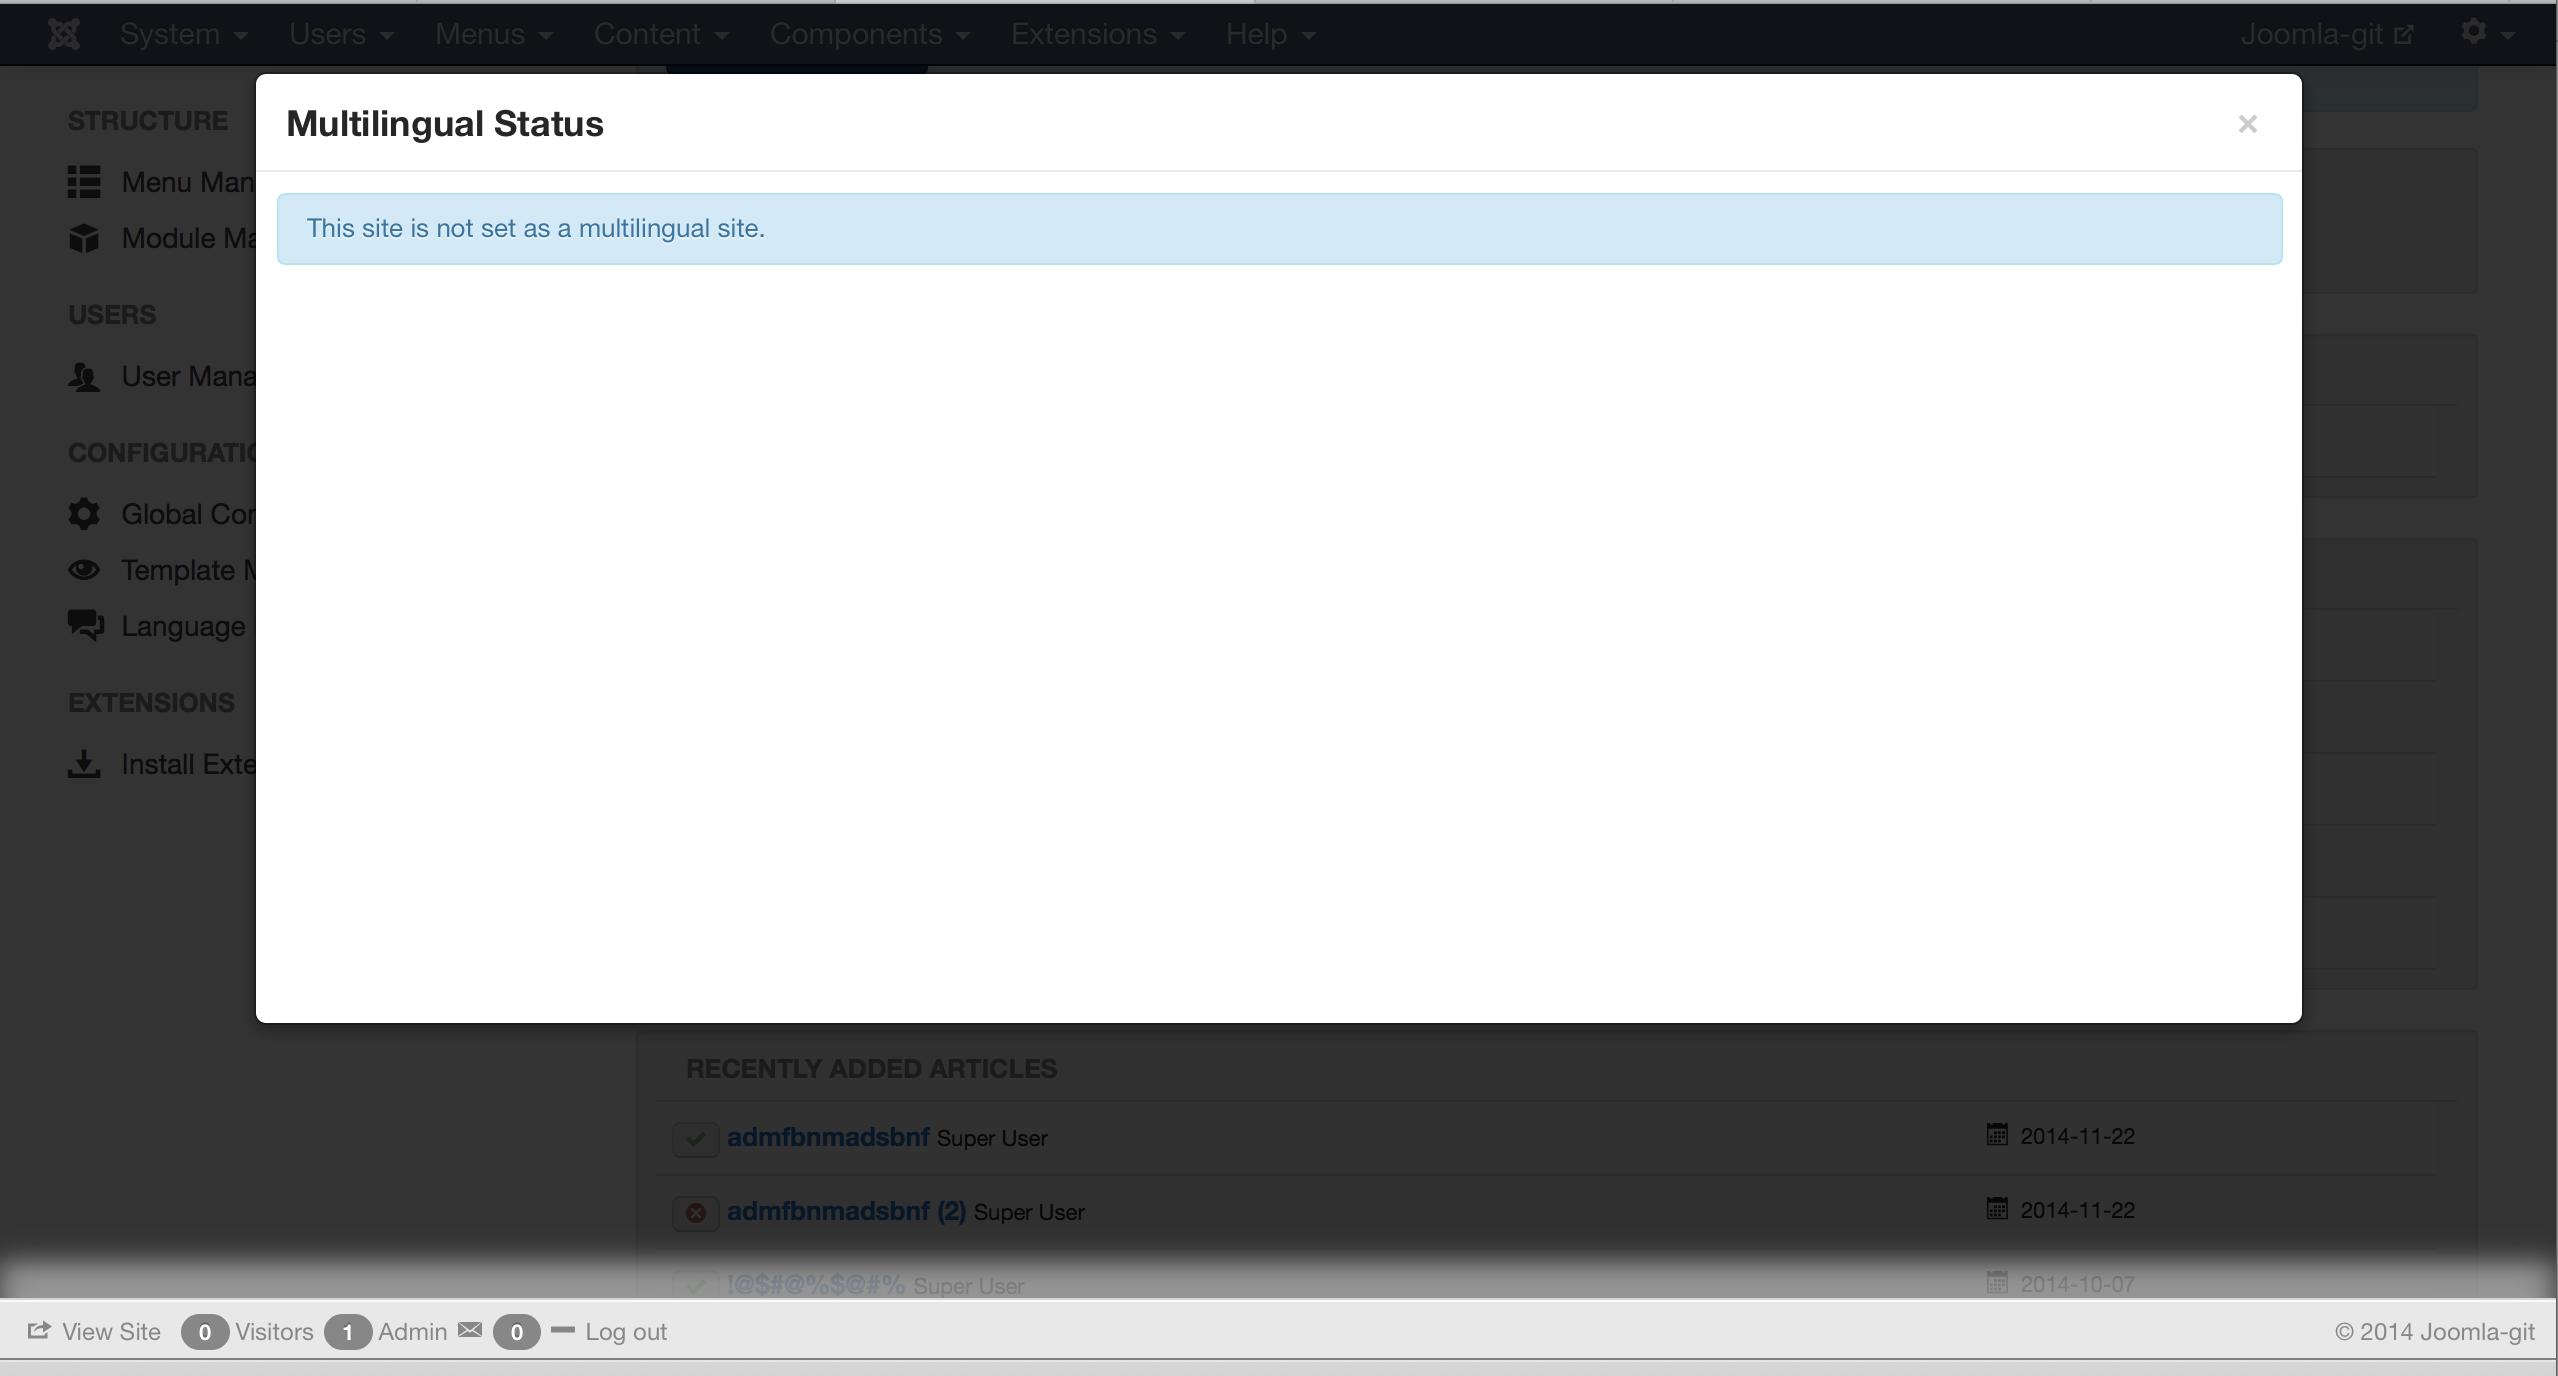 screen shot 2014-12-01 at 9 05 33